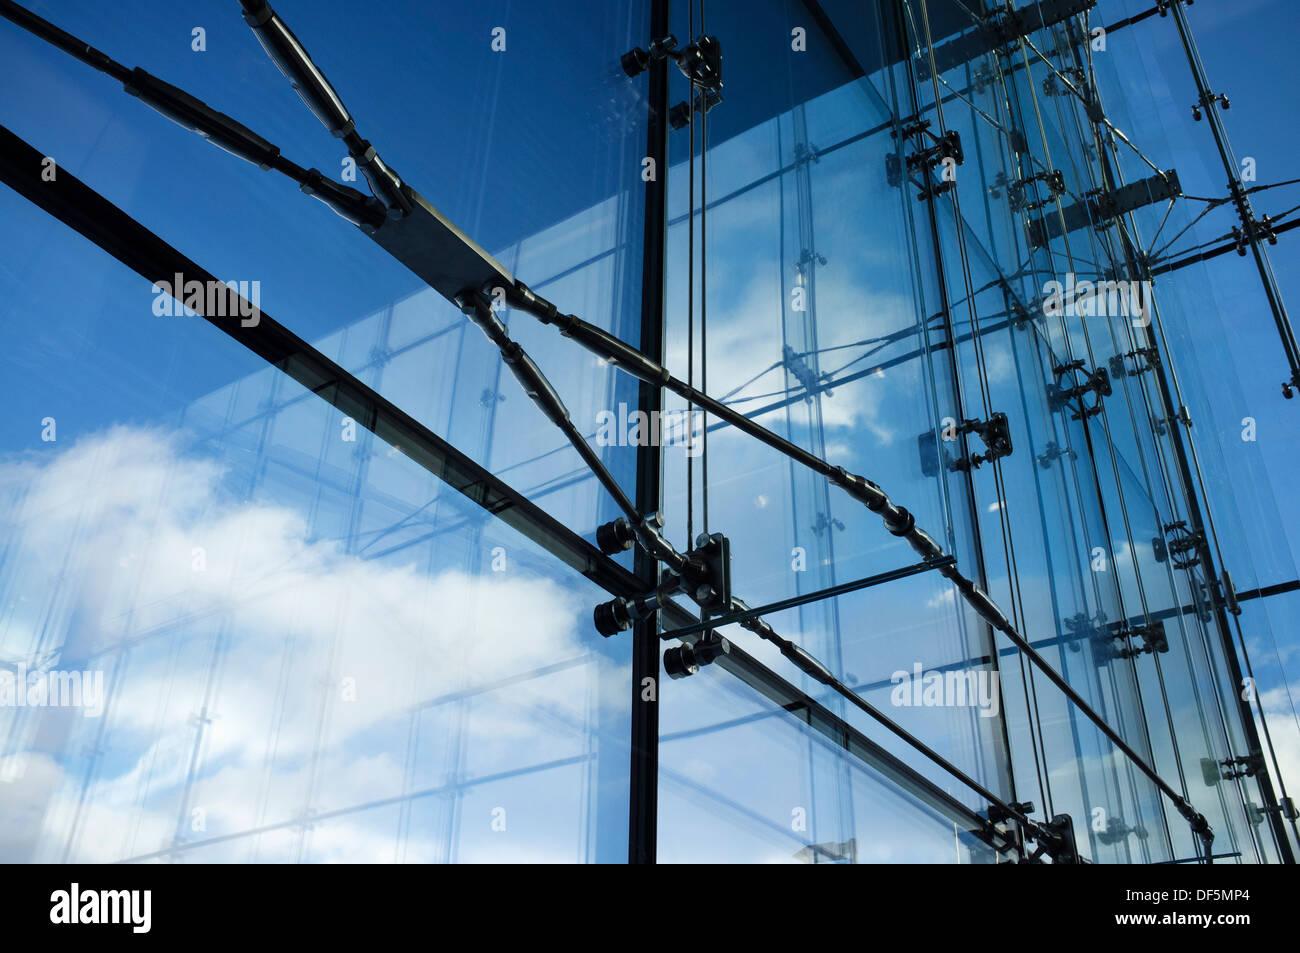 Detalle de la arquitectura moderna: el interior de las estructuras de acero y vidrio. Imagen De Stock